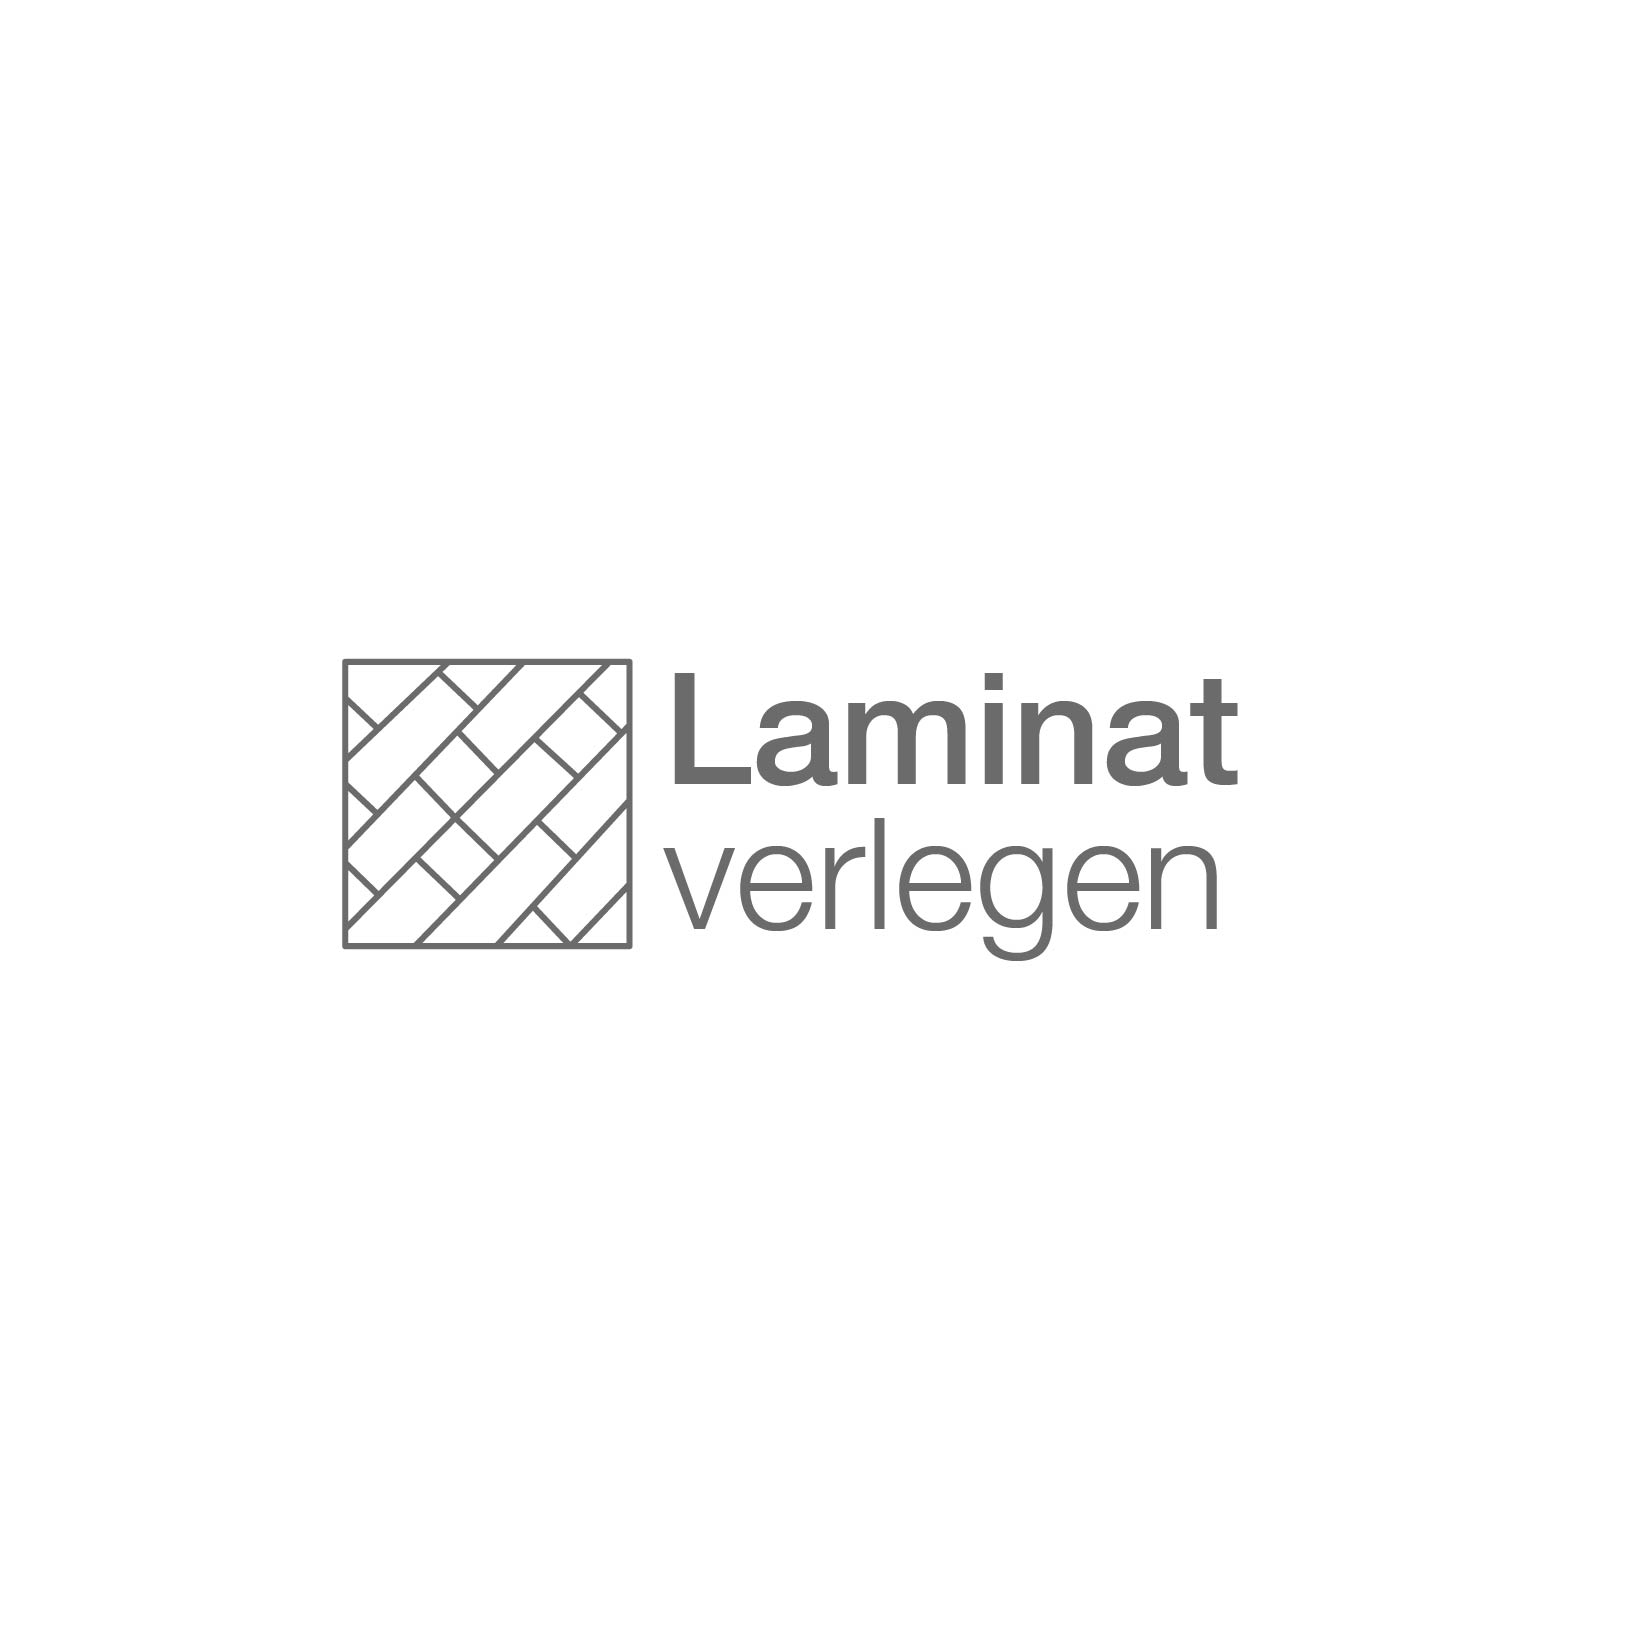 Laminat-verlegen